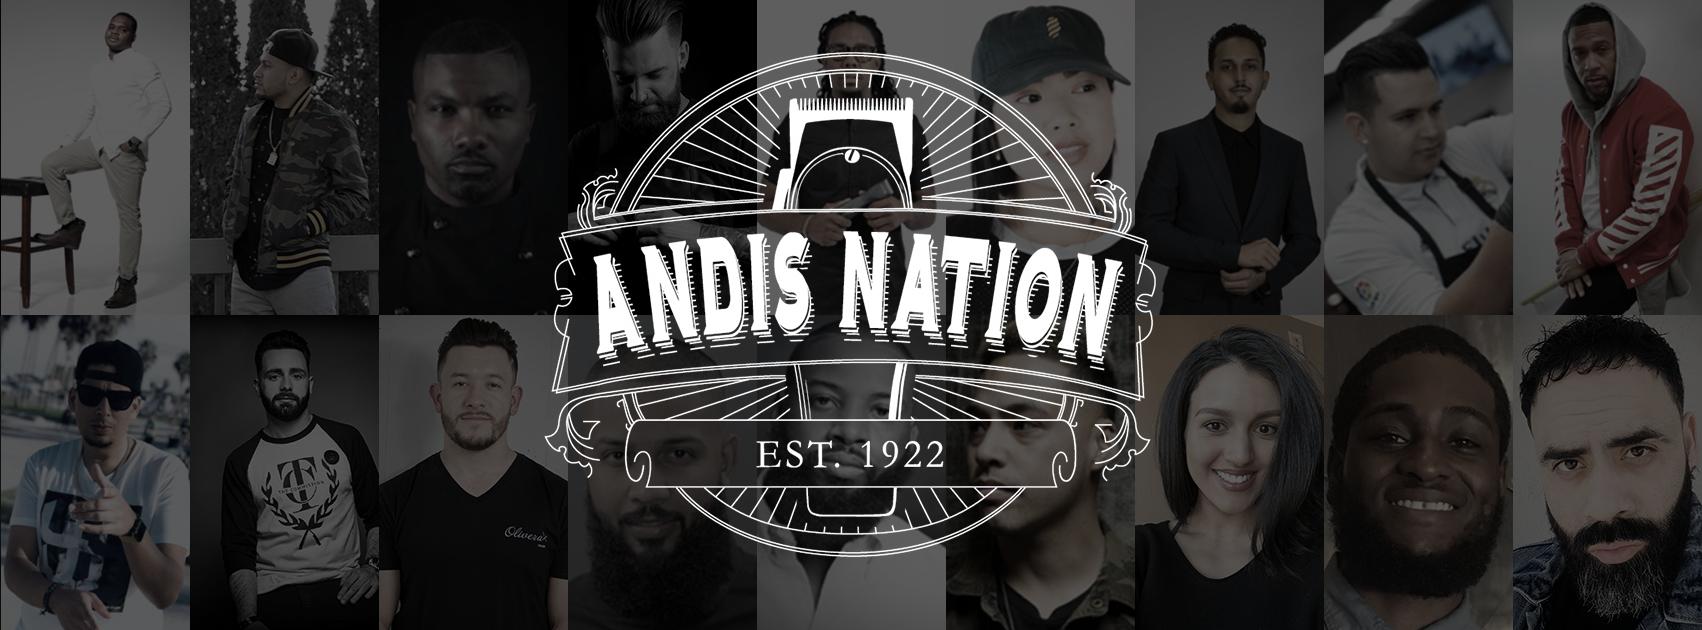 Andis Company Social Media Ambassadors